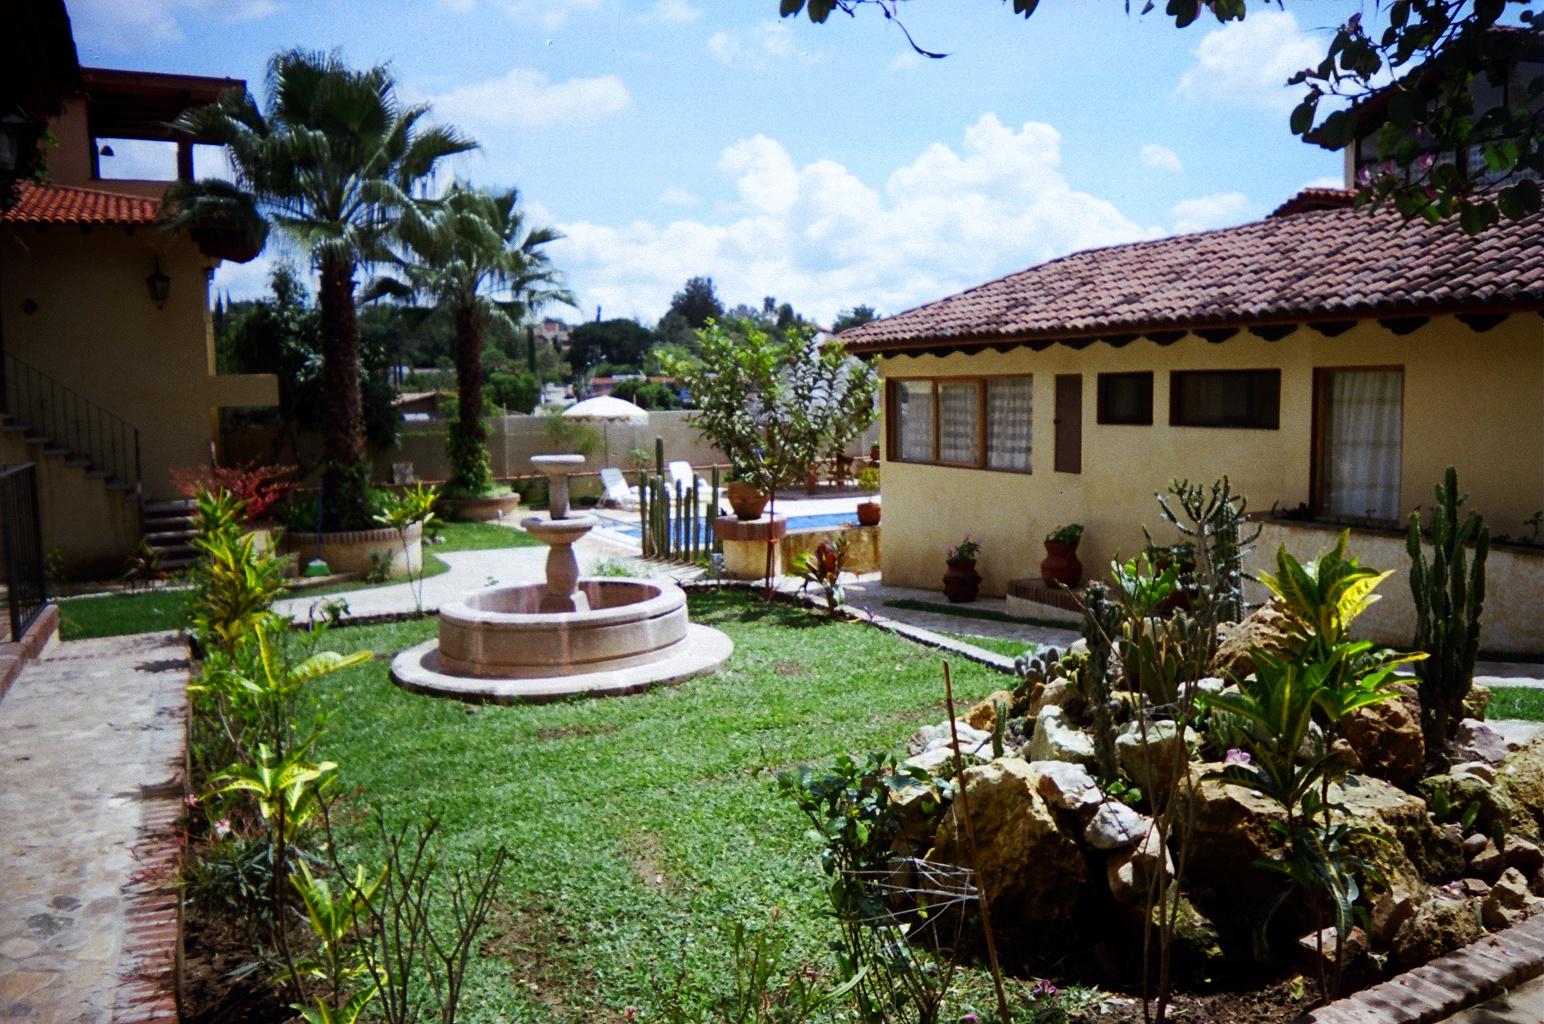 Vendo casa hermosos jardines en armonia - Casas con jardines bonitos ...